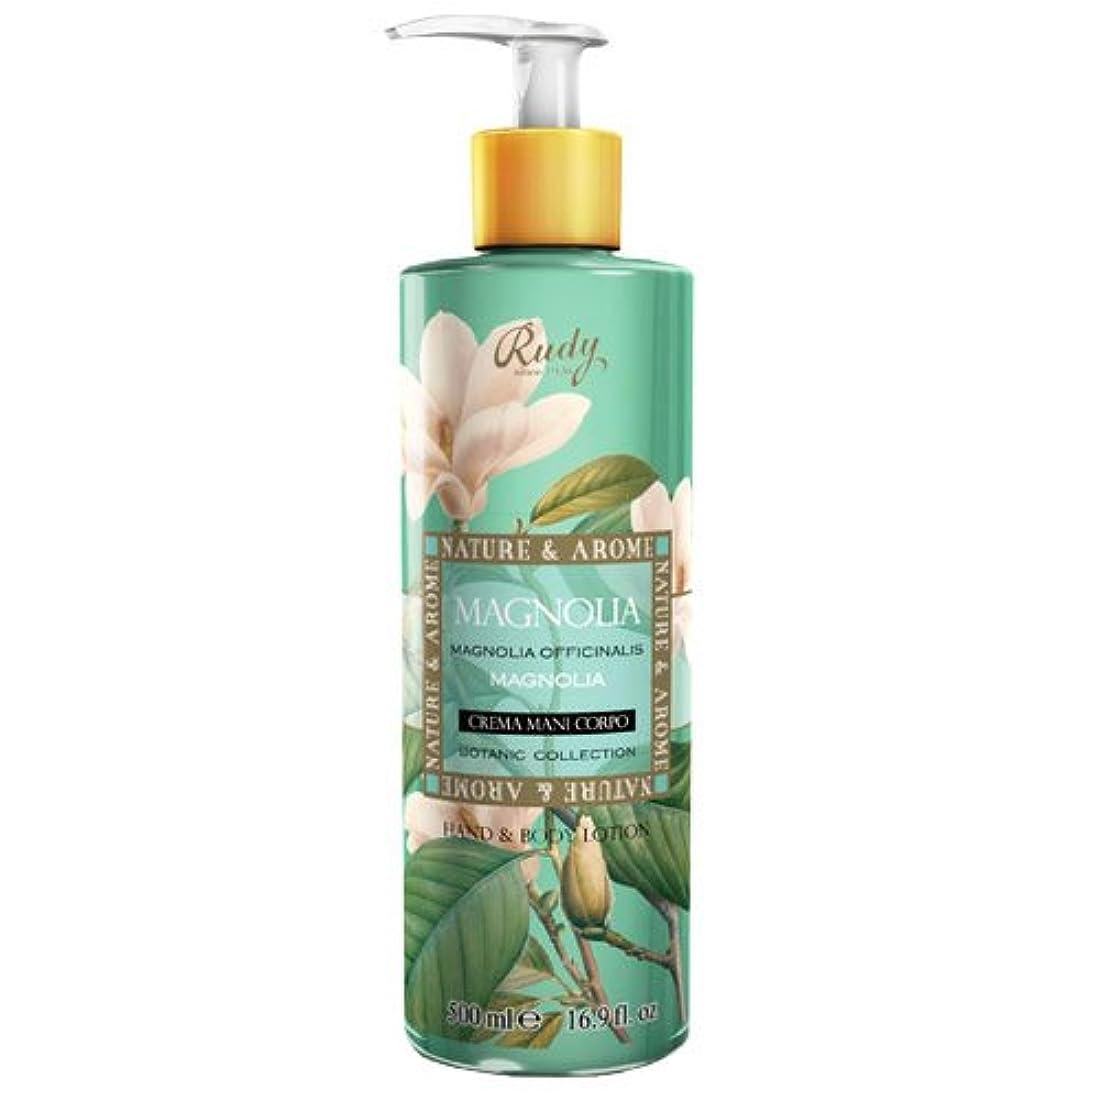 ベルランタン表向きRUDY Nature&Arome SERIES ルディ ナチュール&アロマ Hand&Body lotion ハンド&ボディローション マグノリア